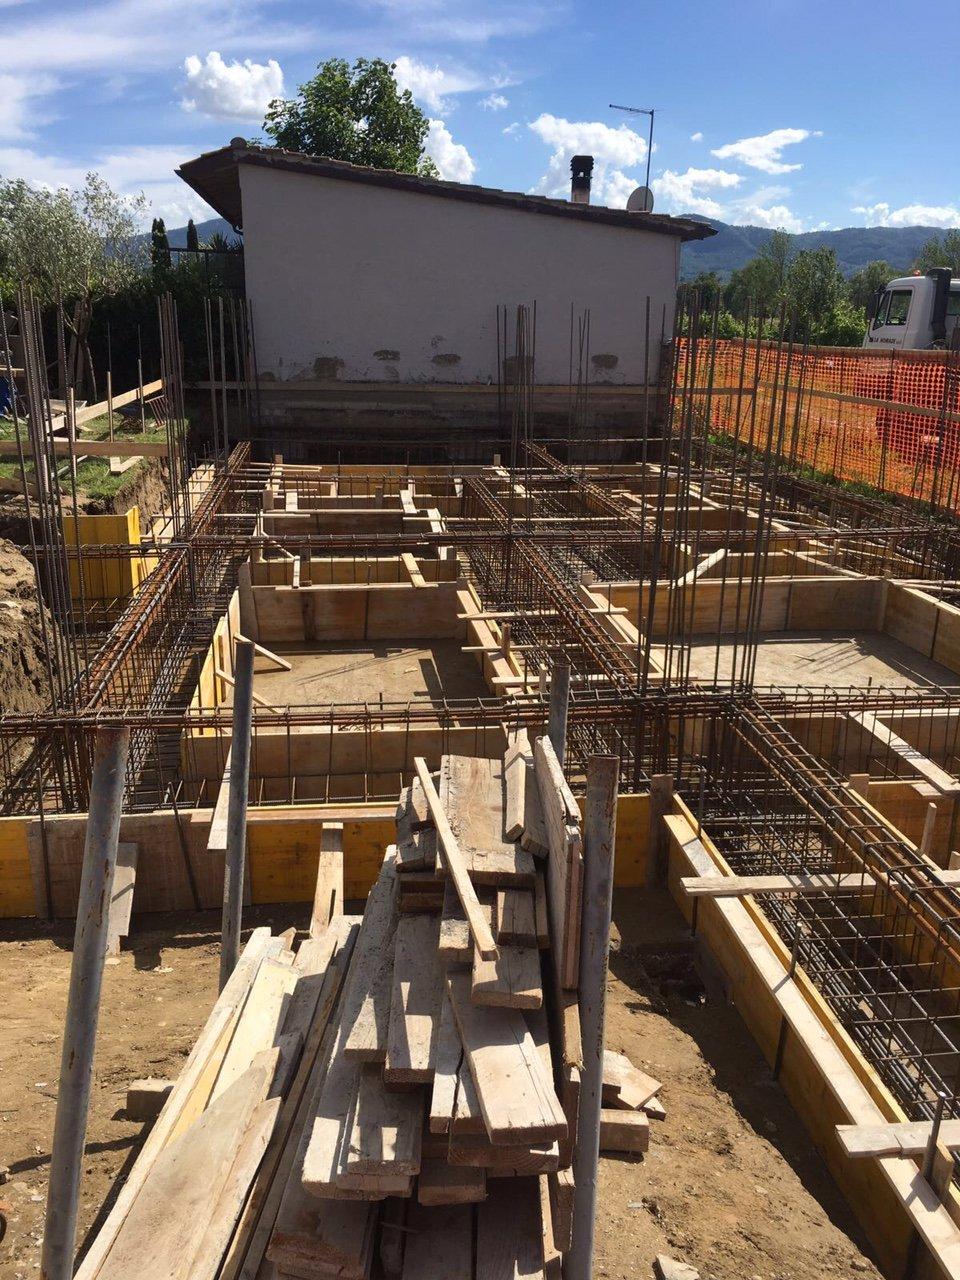 le fondamenta di un edificio in costruzione